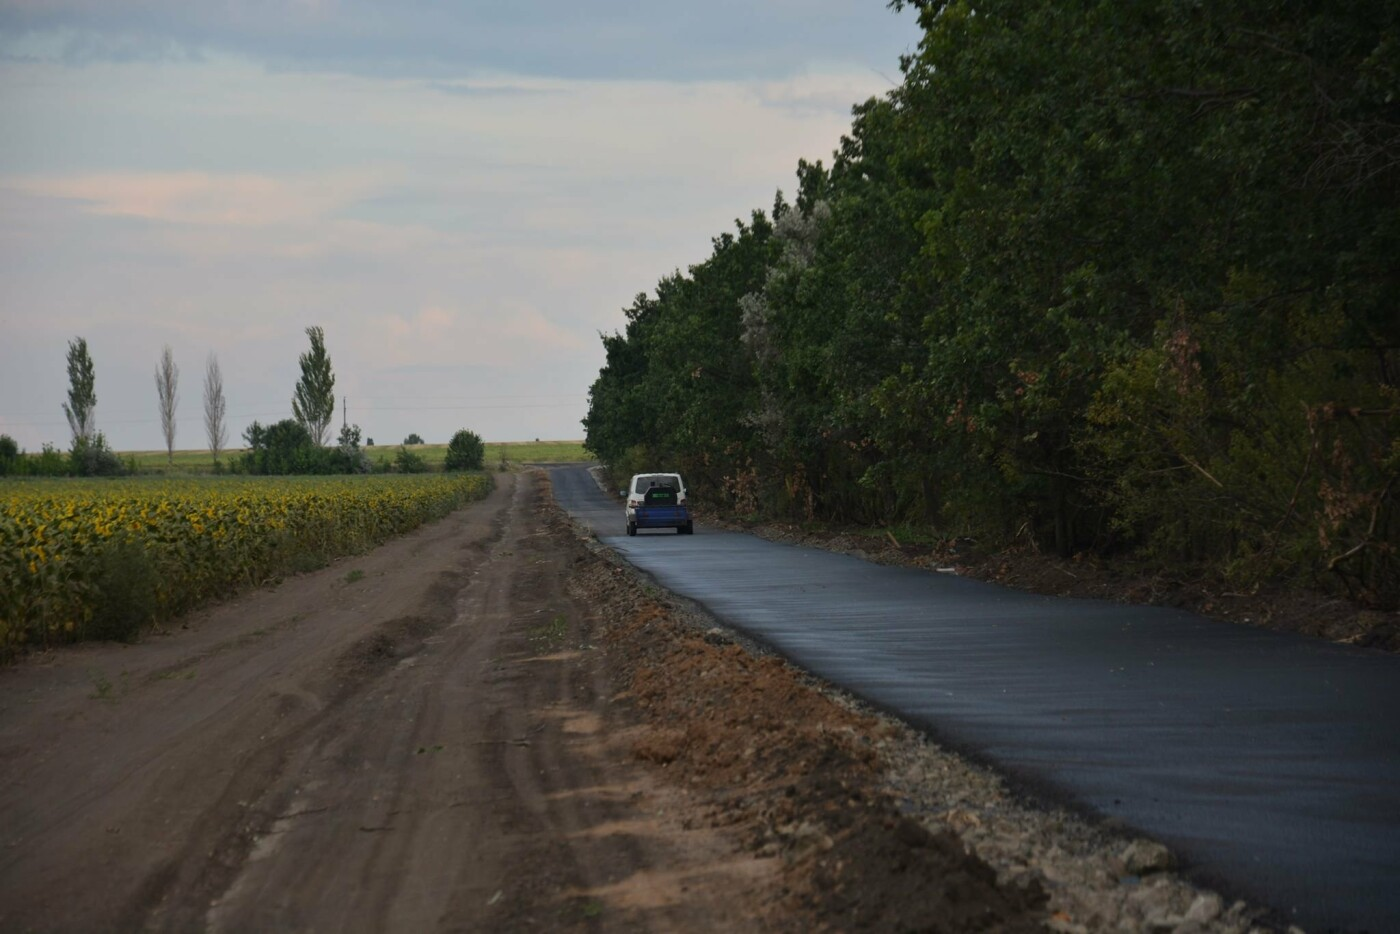 На дорожку: Дружковское управление капстроительства поручило построить дорогу, но подрядчик все перепутал и положил асфальт не в том месте, фото-1